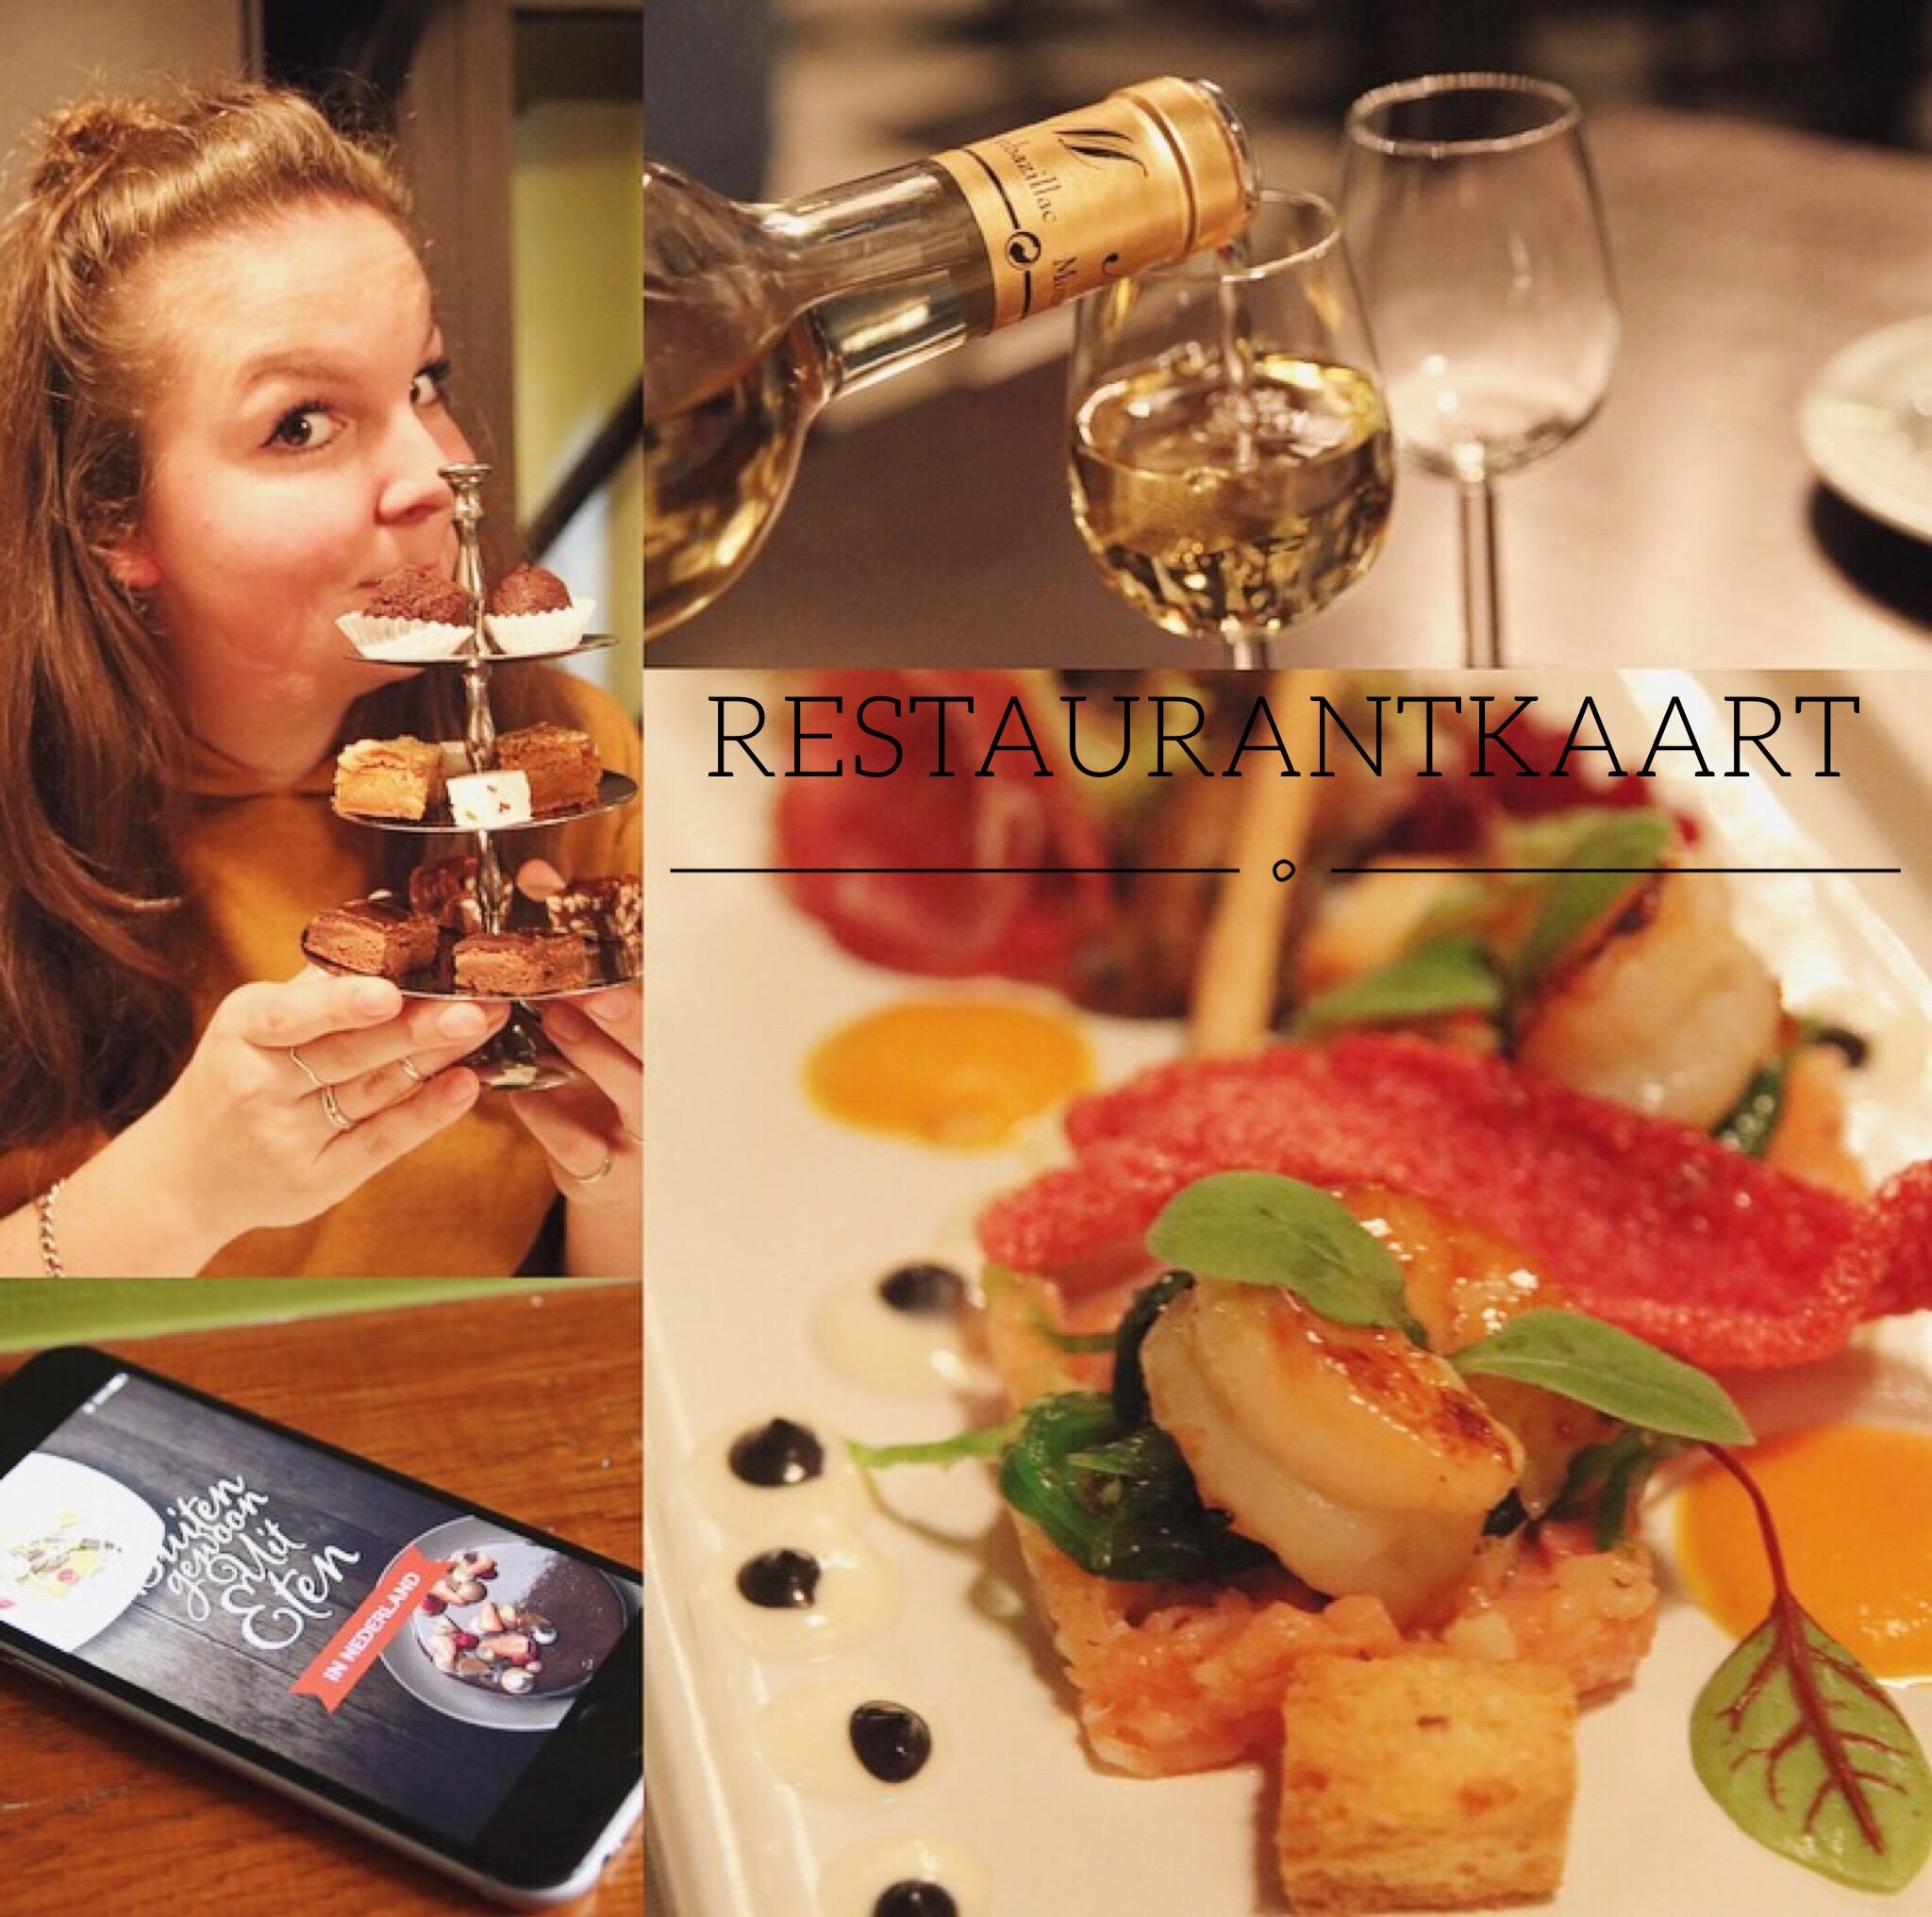 Wat is RestaurantKaart en hoe werkt het? + Toffe winactie!